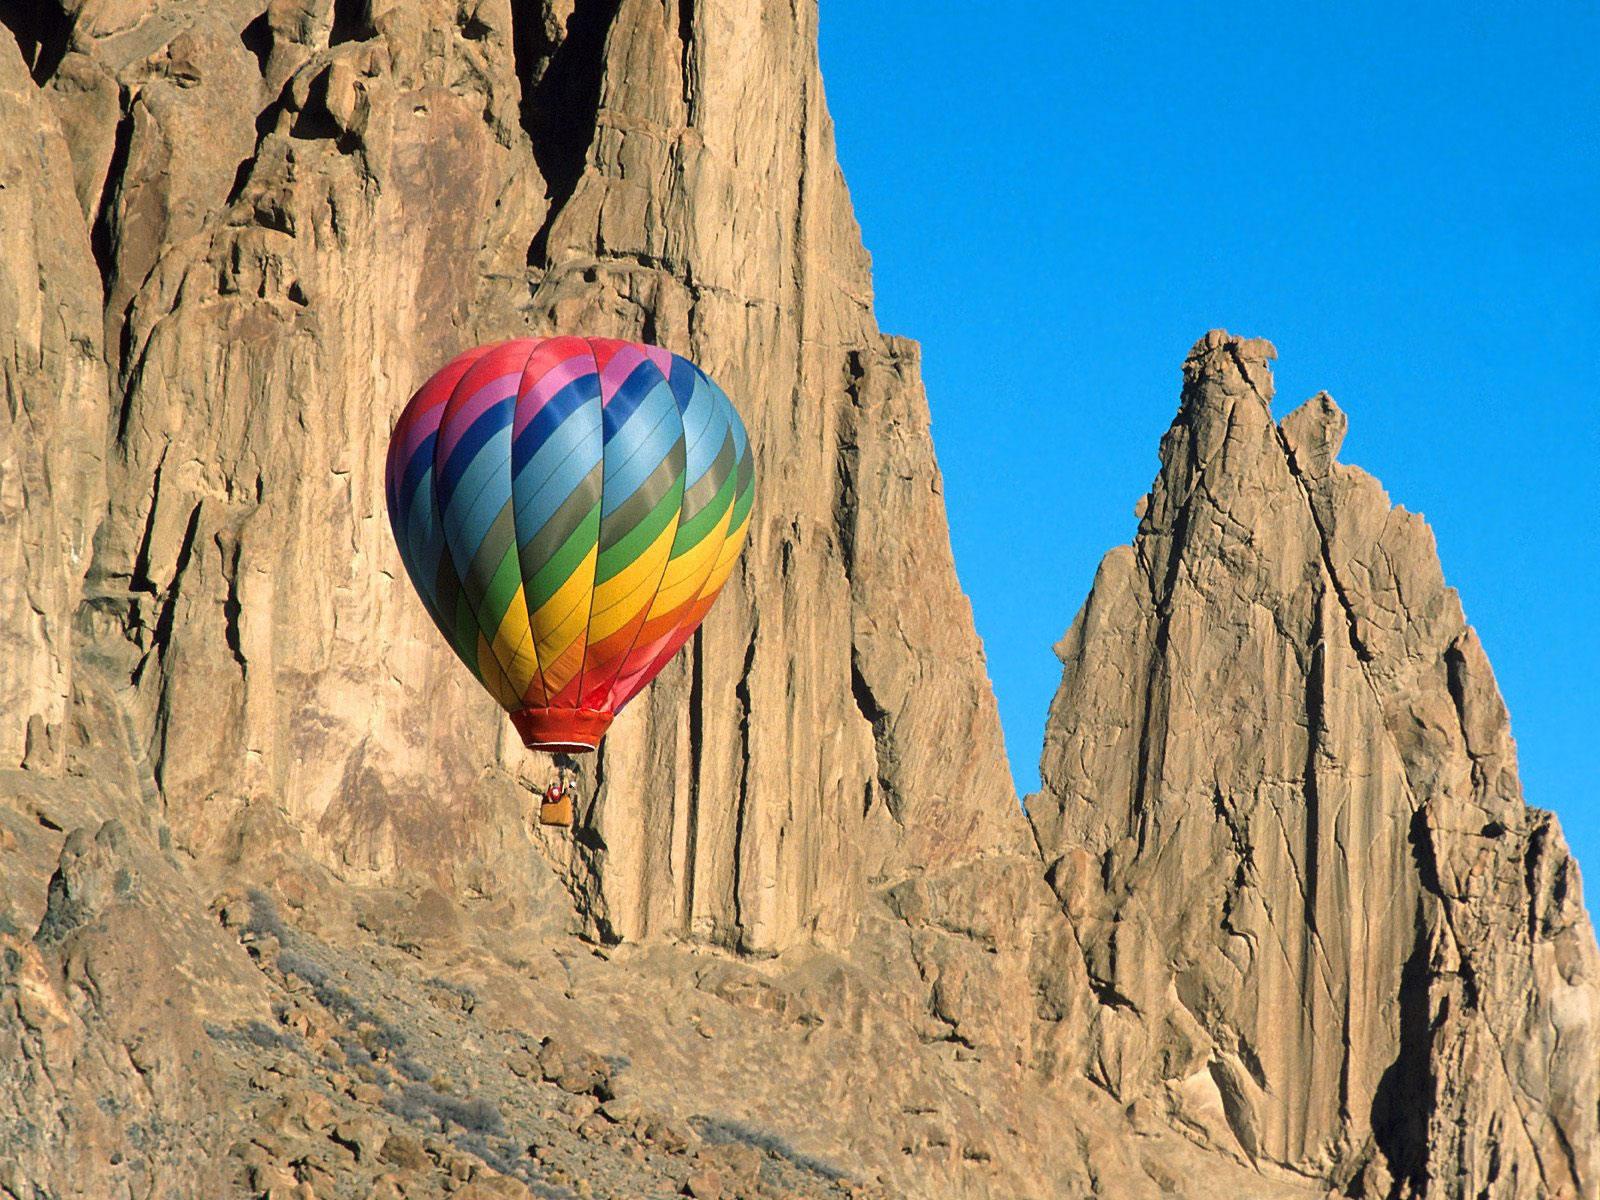 Hot Air Ballooning New Mexico